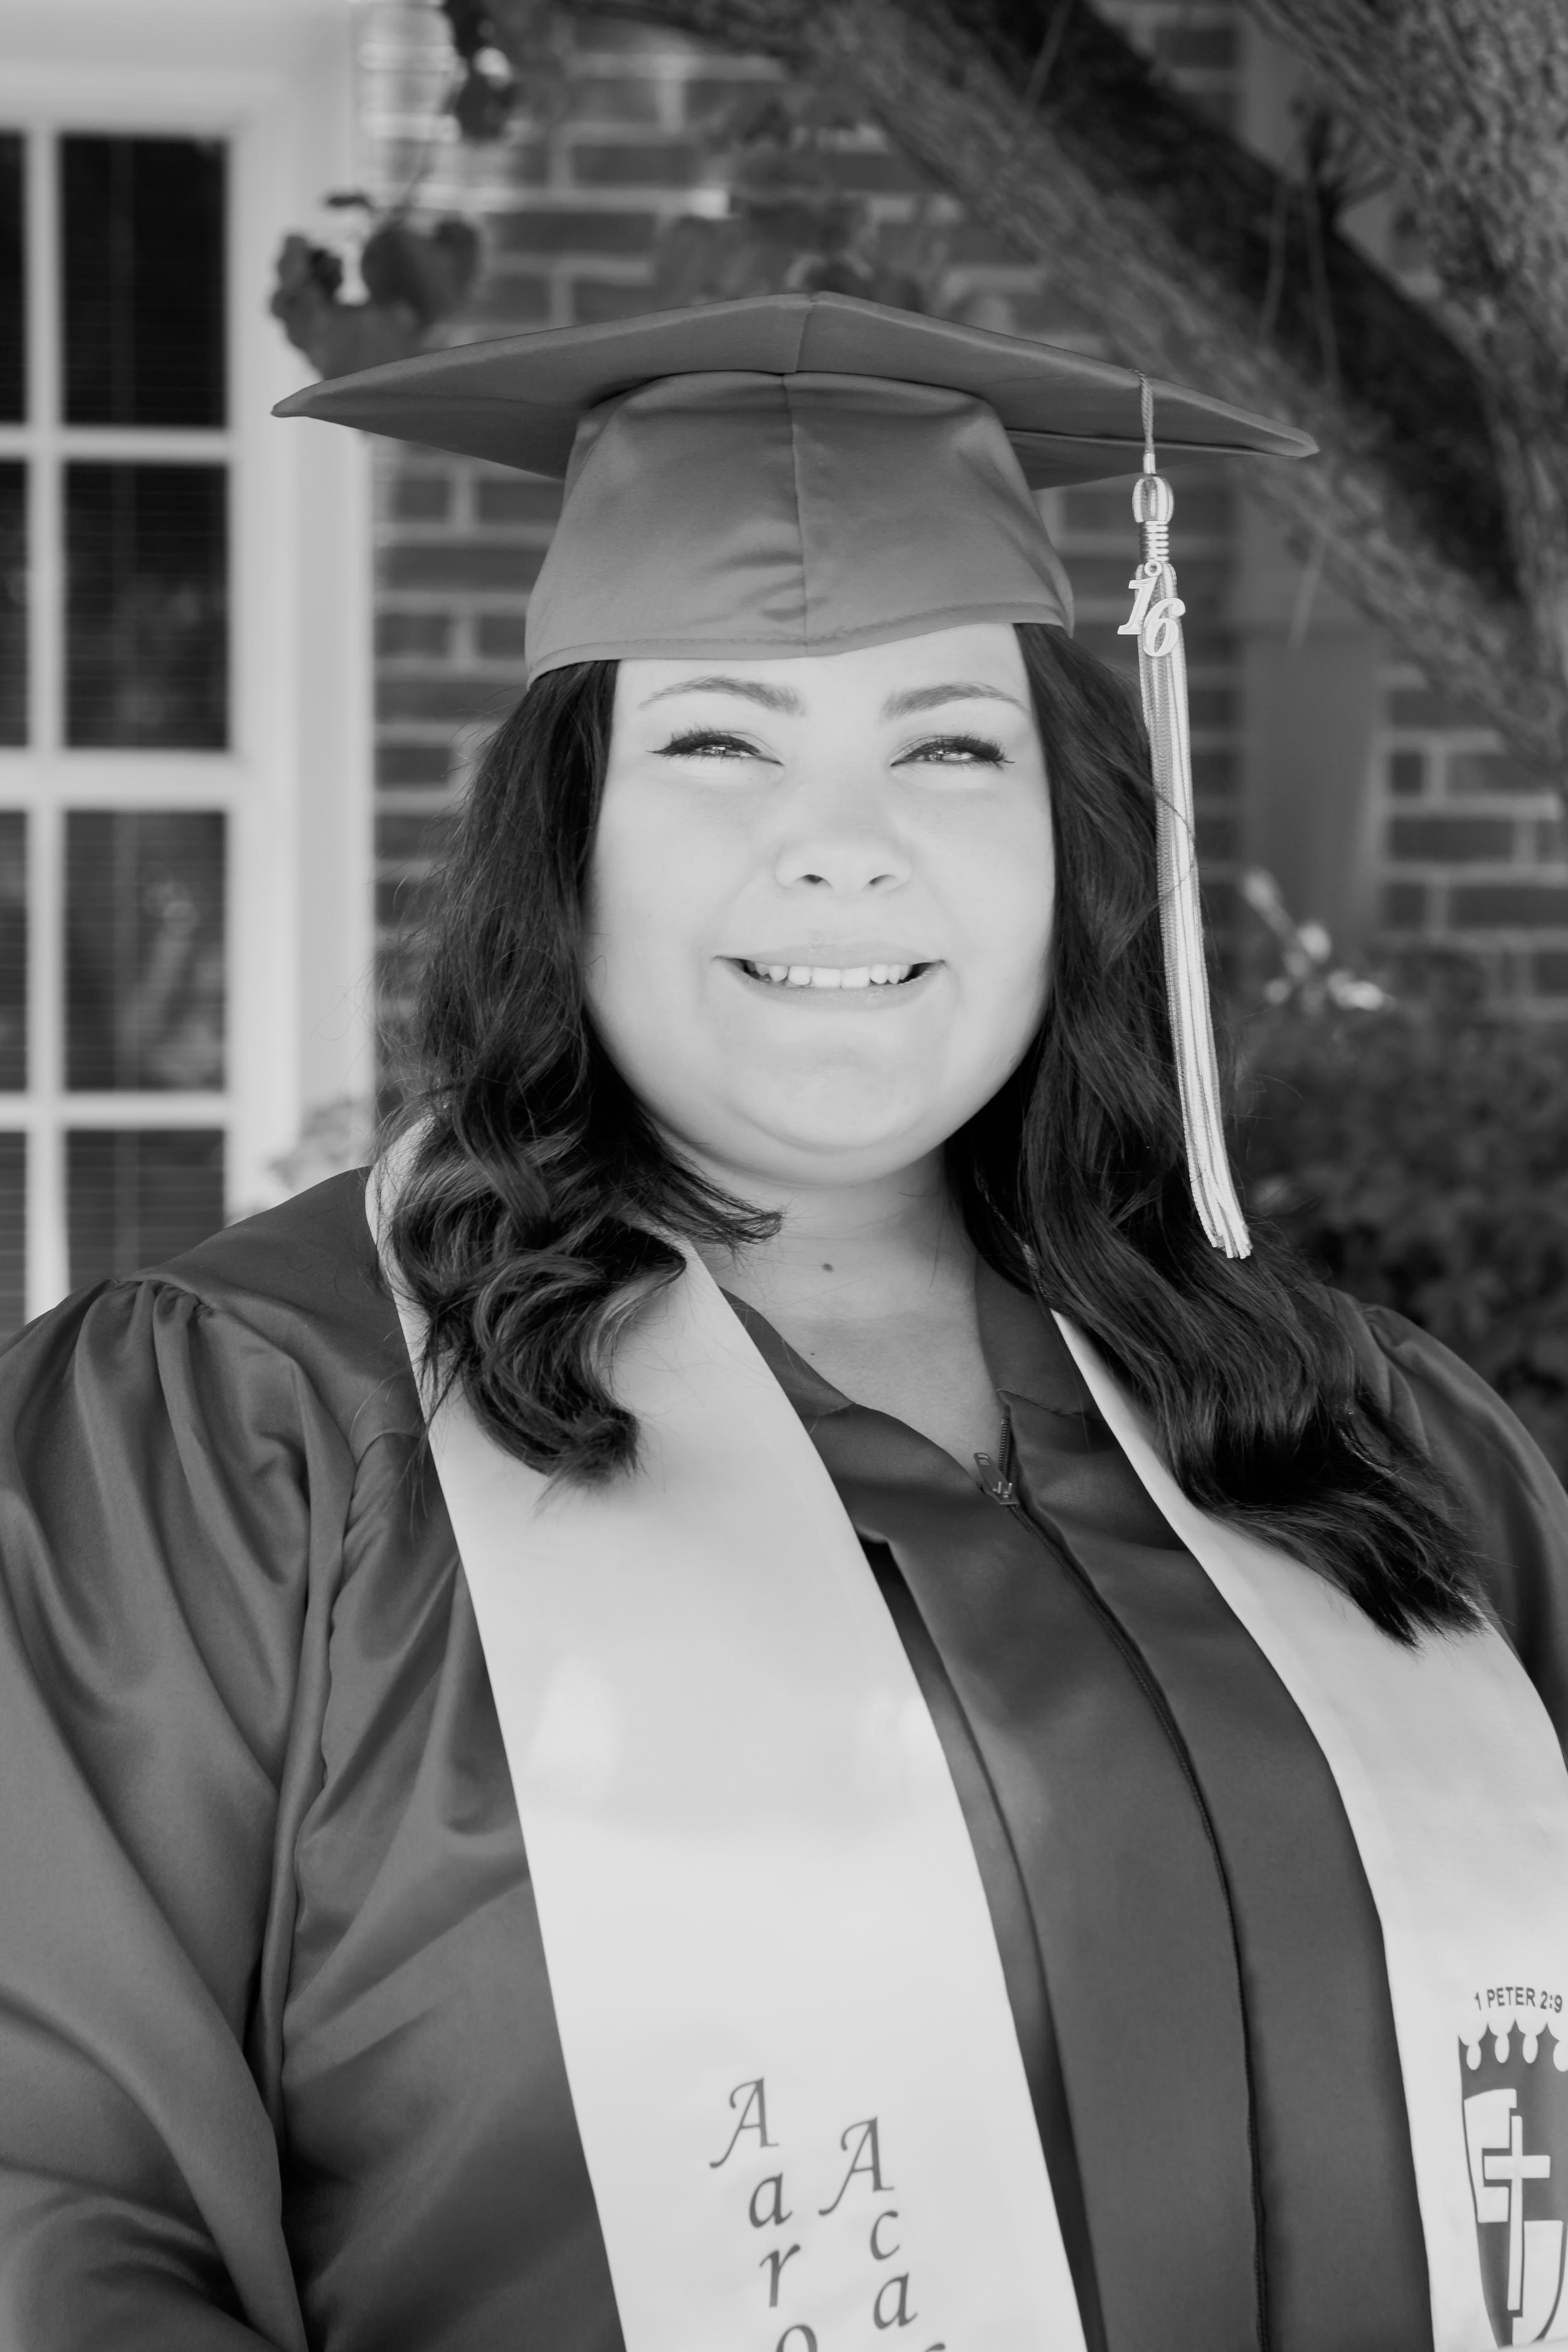 06.18.16_Kaylee's Graduation-18 copy.jpg